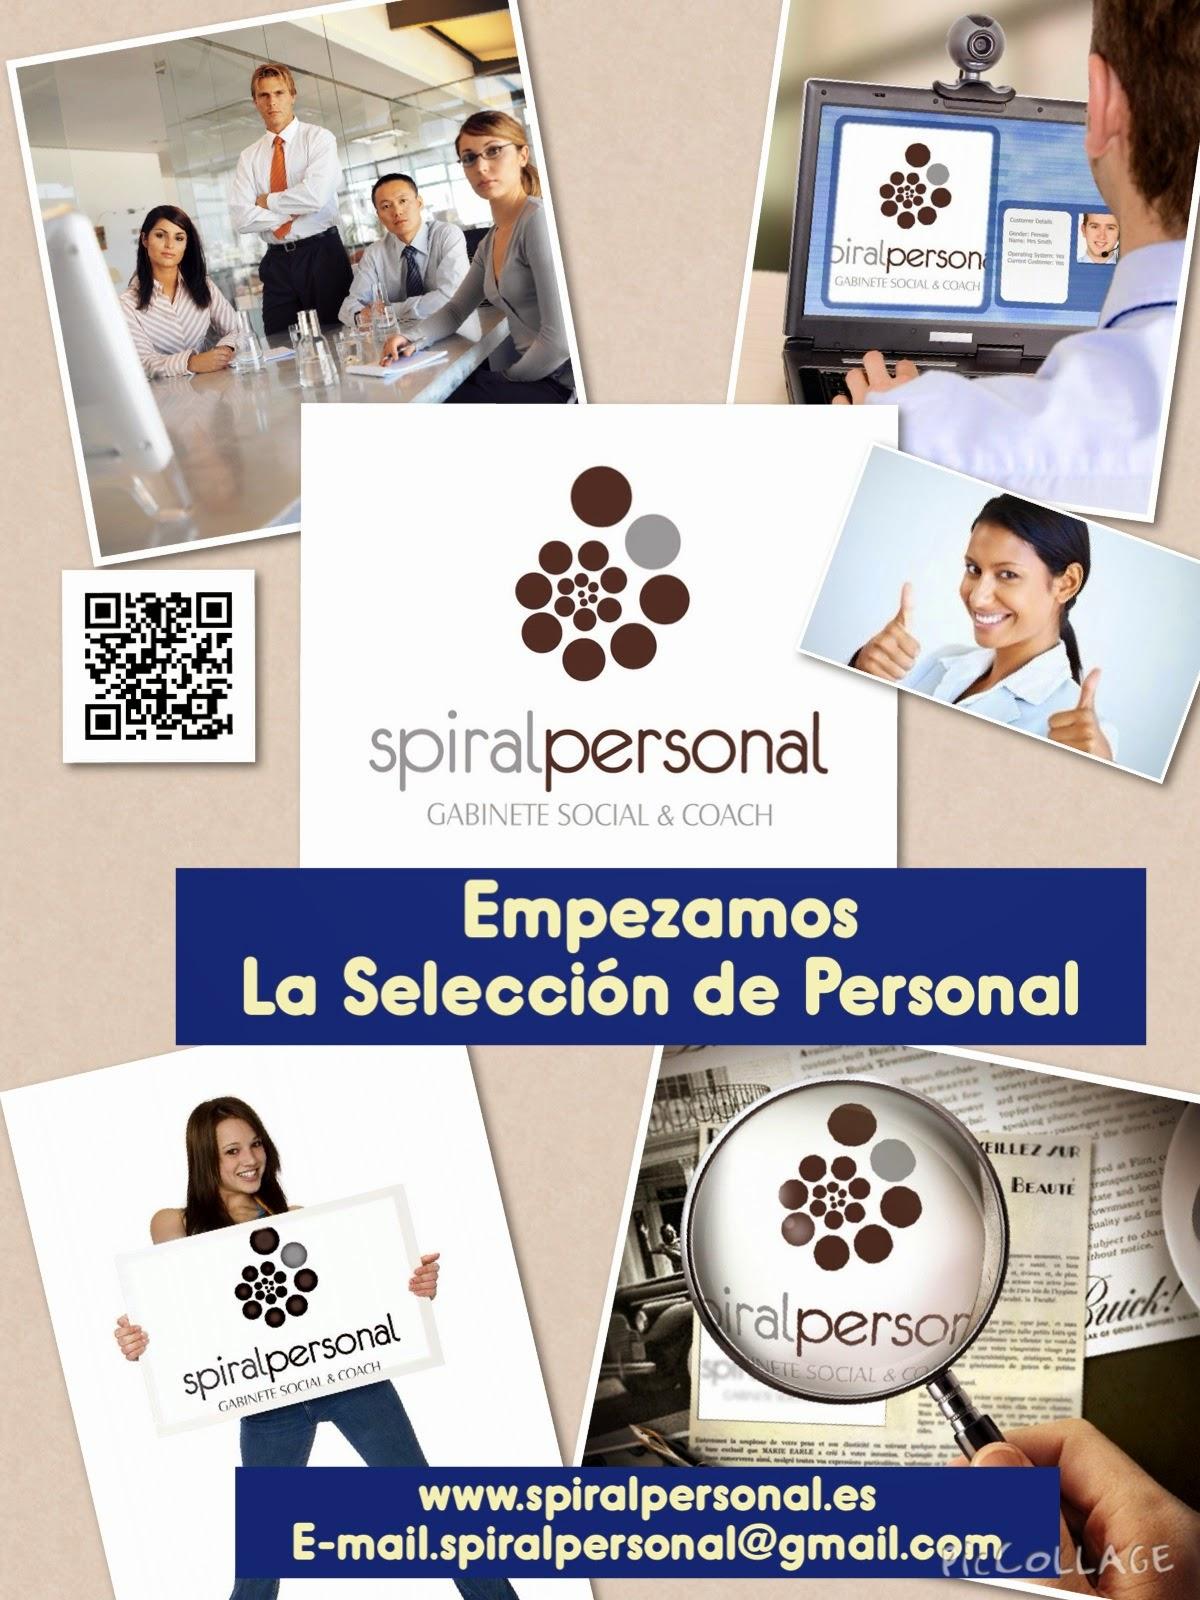 Spiral Personal. Gabinete Social & Coach, empezamos la Selección de Personal